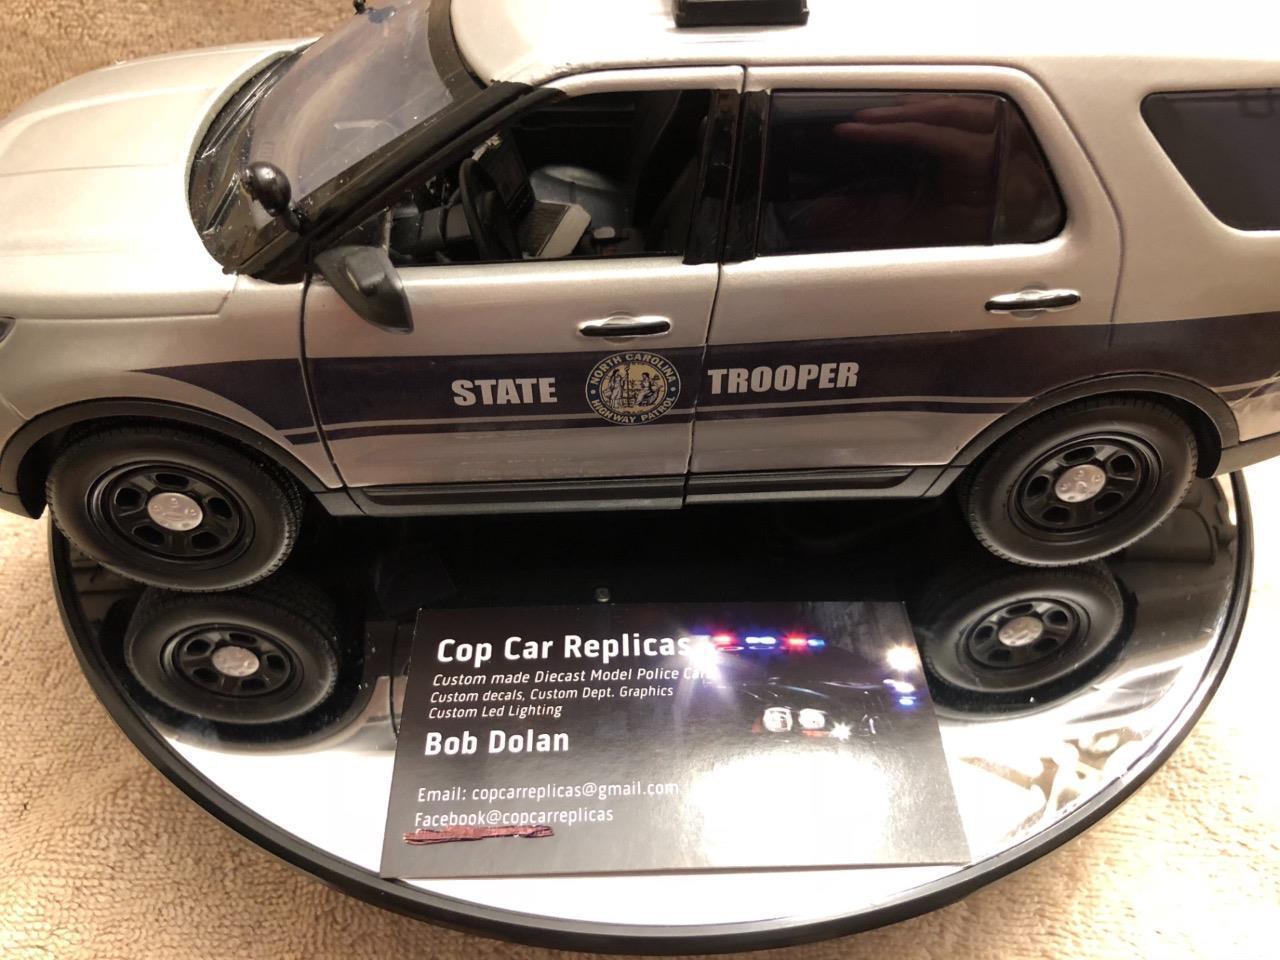 estilo clásico 1 18 Escala Modelo de North Cocheolina State State State Trooper SUV con luces y sirena de trabajo  Tienda 2018